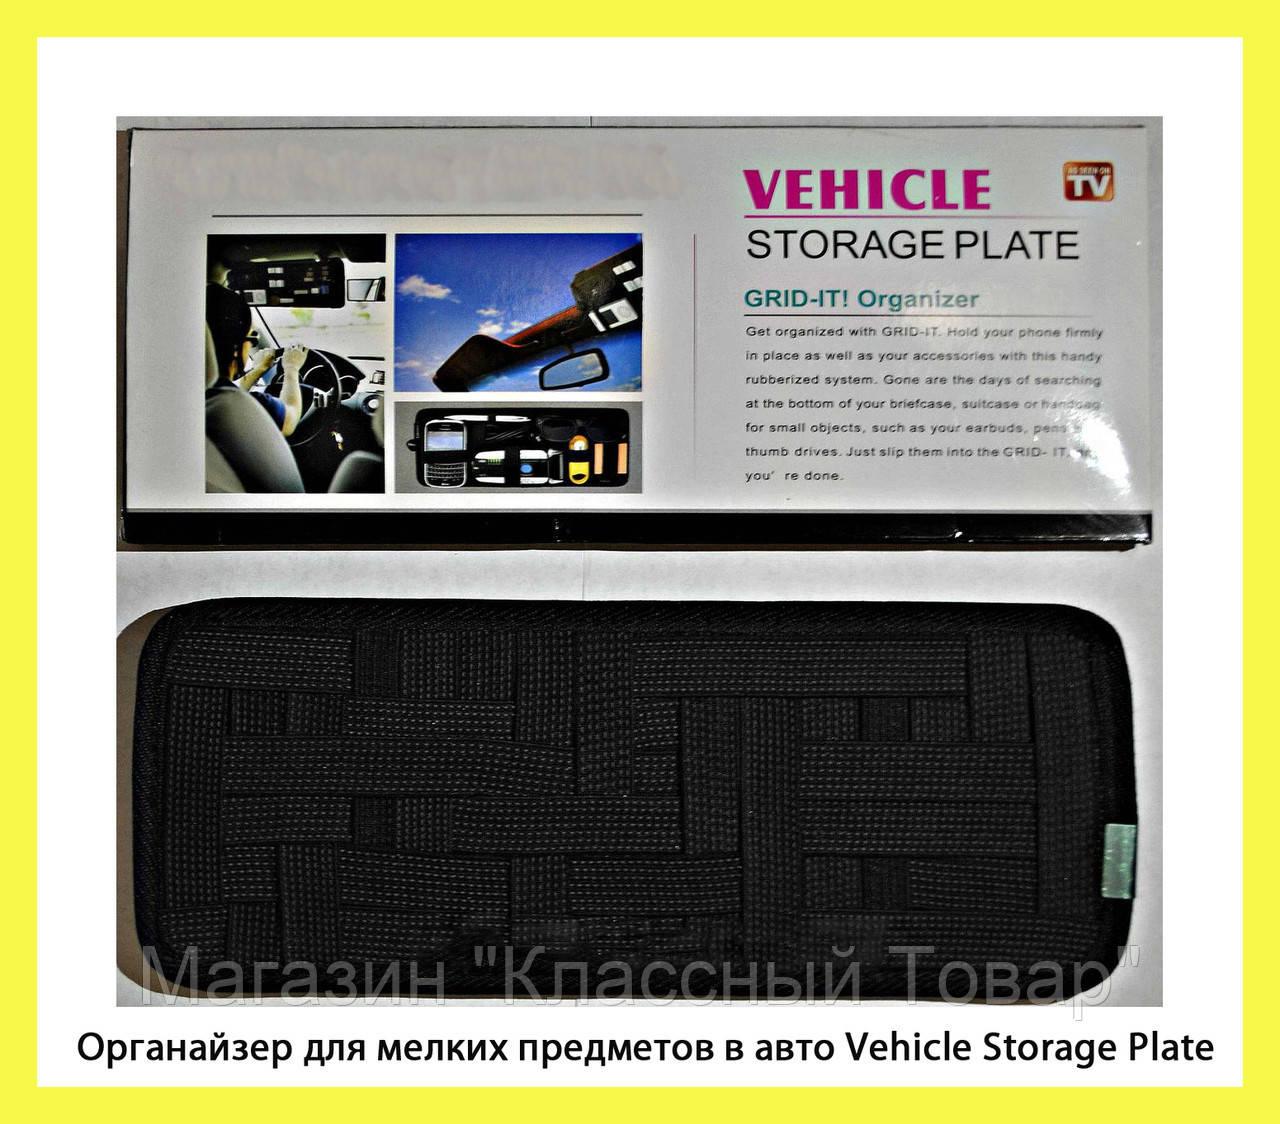 Органайзер для мелких предметов в авто Vehicle Storage Plate! Лучший подарок